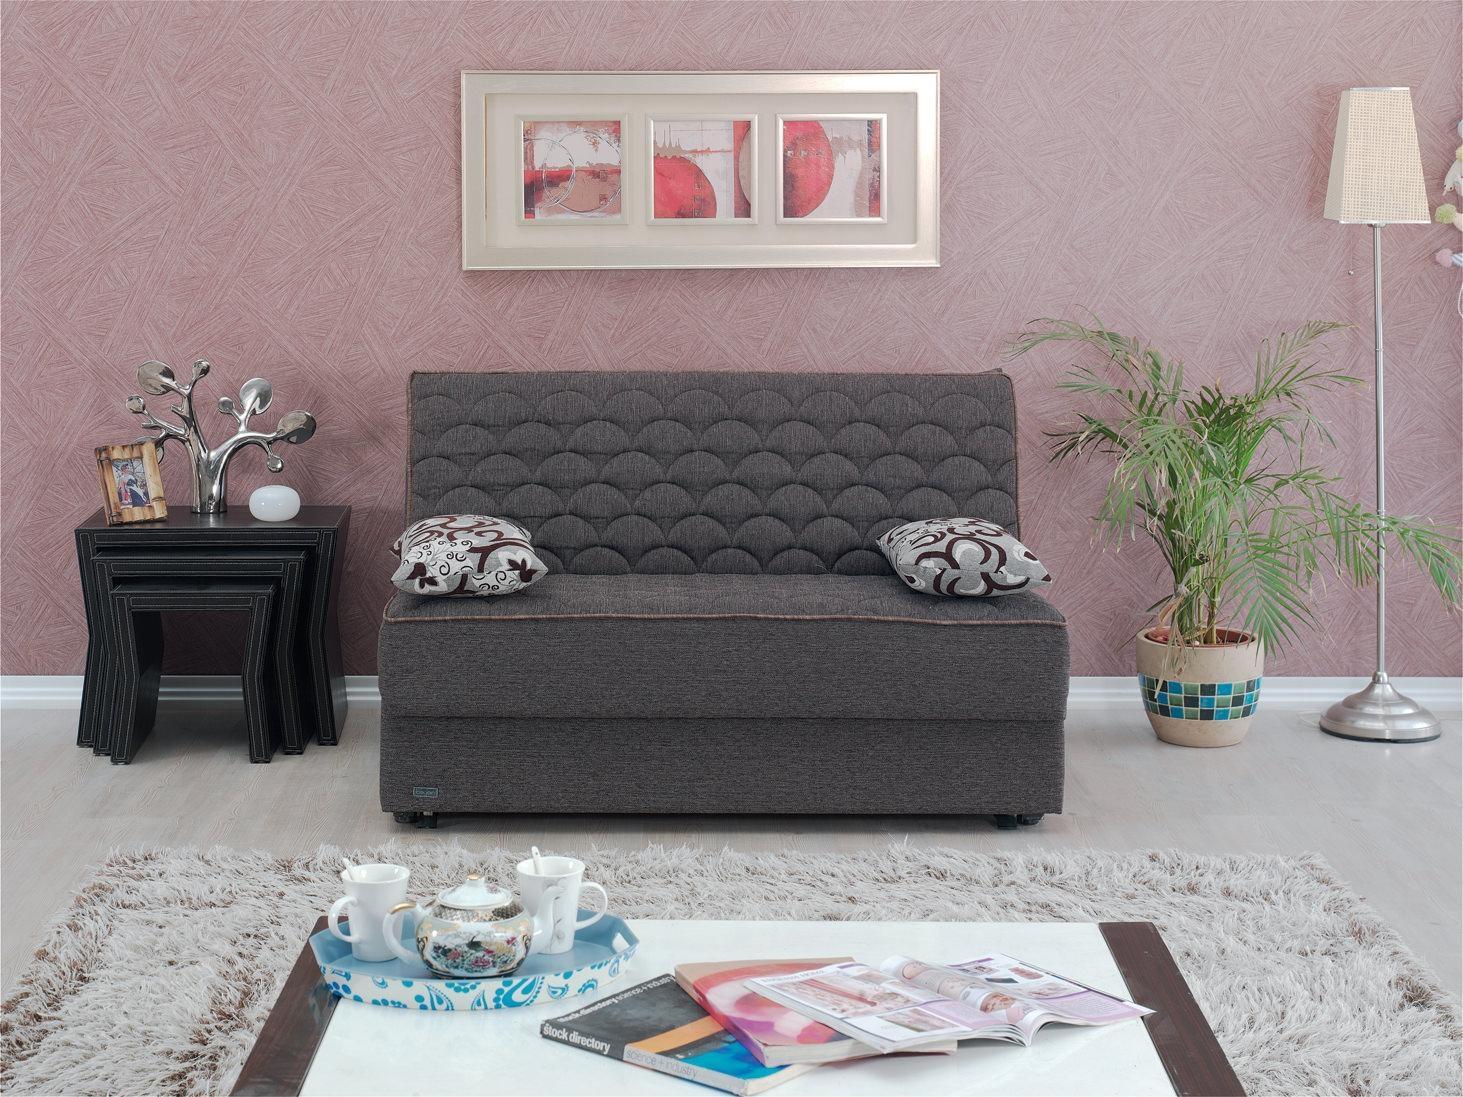 San Diego Sofa Bedempire Furniture Usa Throughout Sleeper Sofas San Diego (Image 11 of 20)